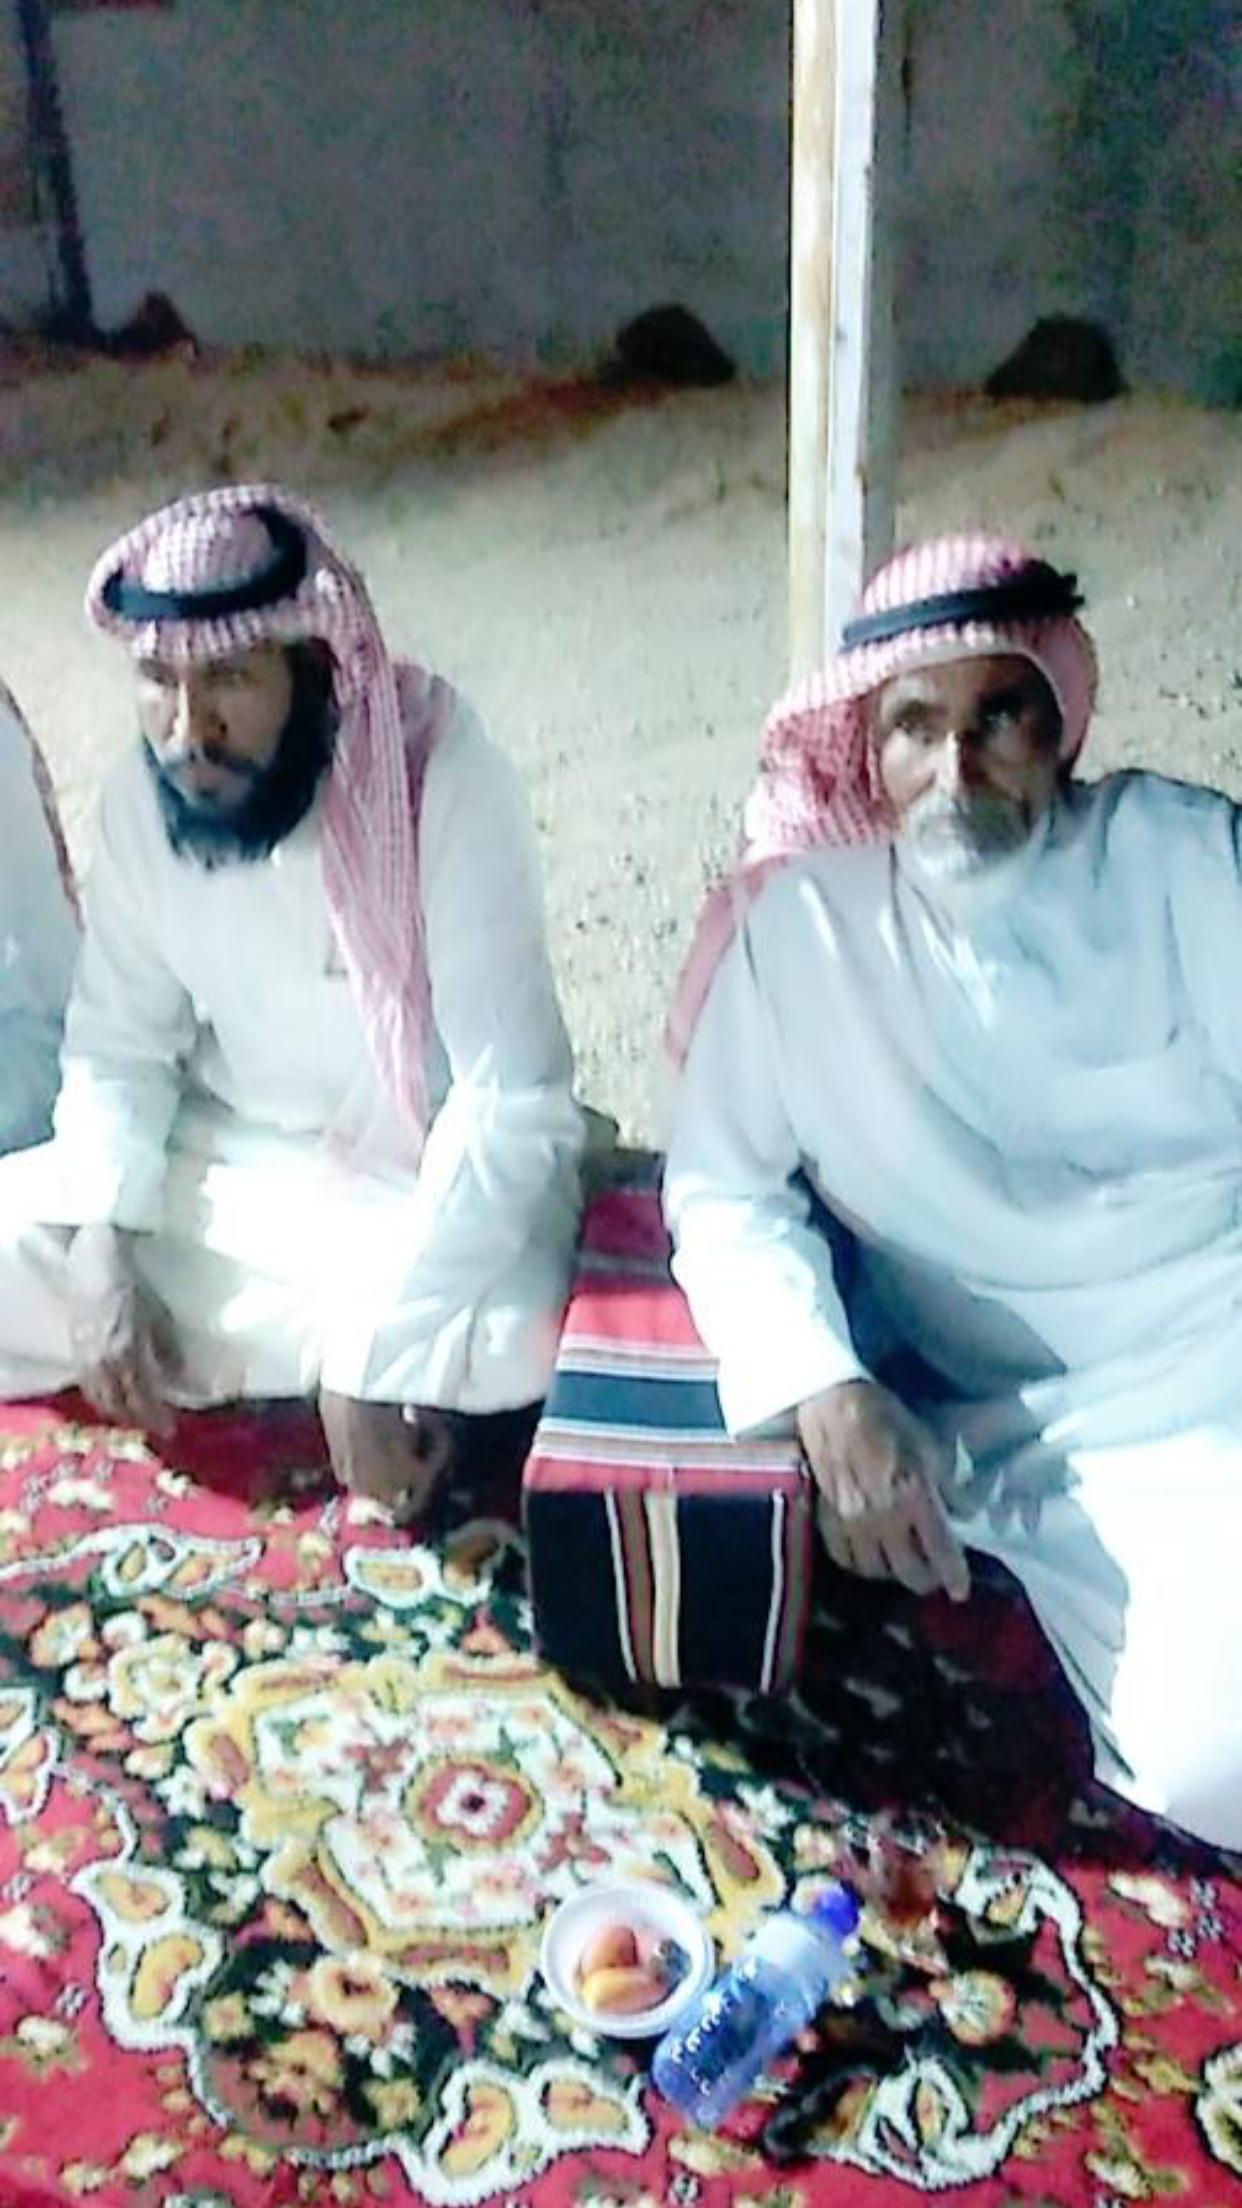 الشاب / حمدان فرج الجحم البلوي يحتفل بزواجه 48CDF07B 1B51 4ED4 87A5 528A2E2F5528